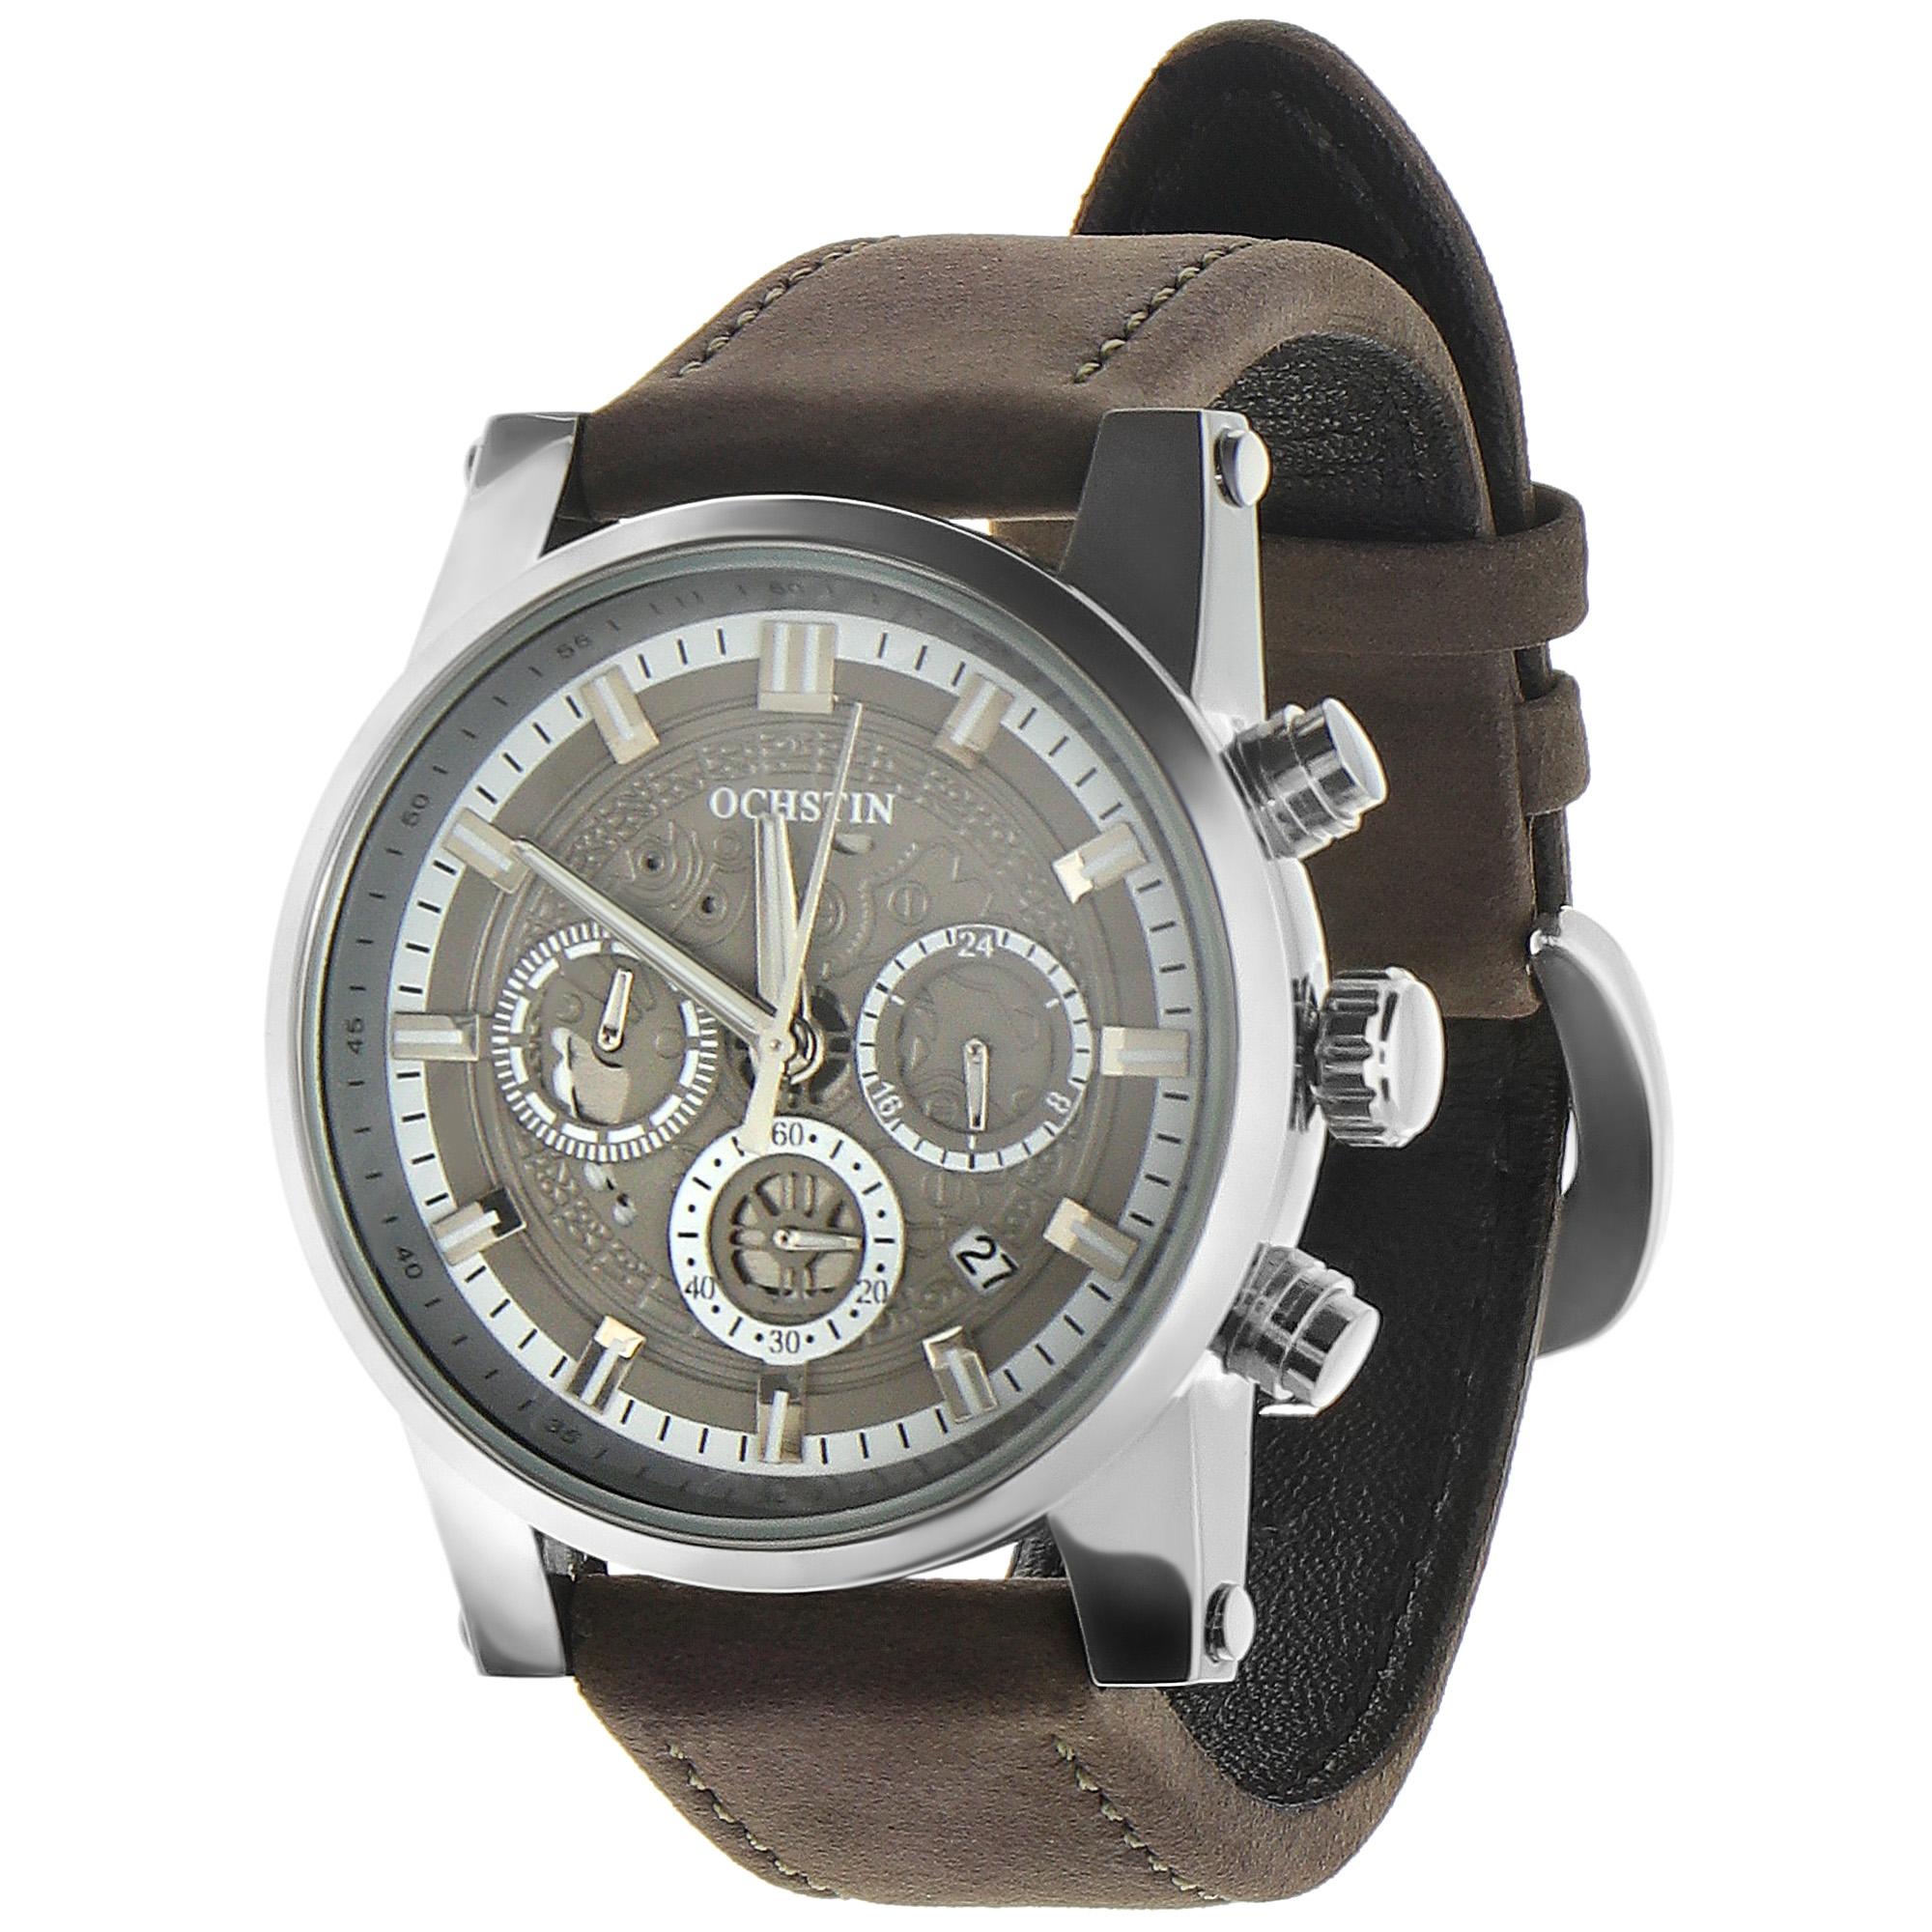 Часы наручные Ochstin AGSD771901 часы наручные shiyi watch ochstin agsda050119